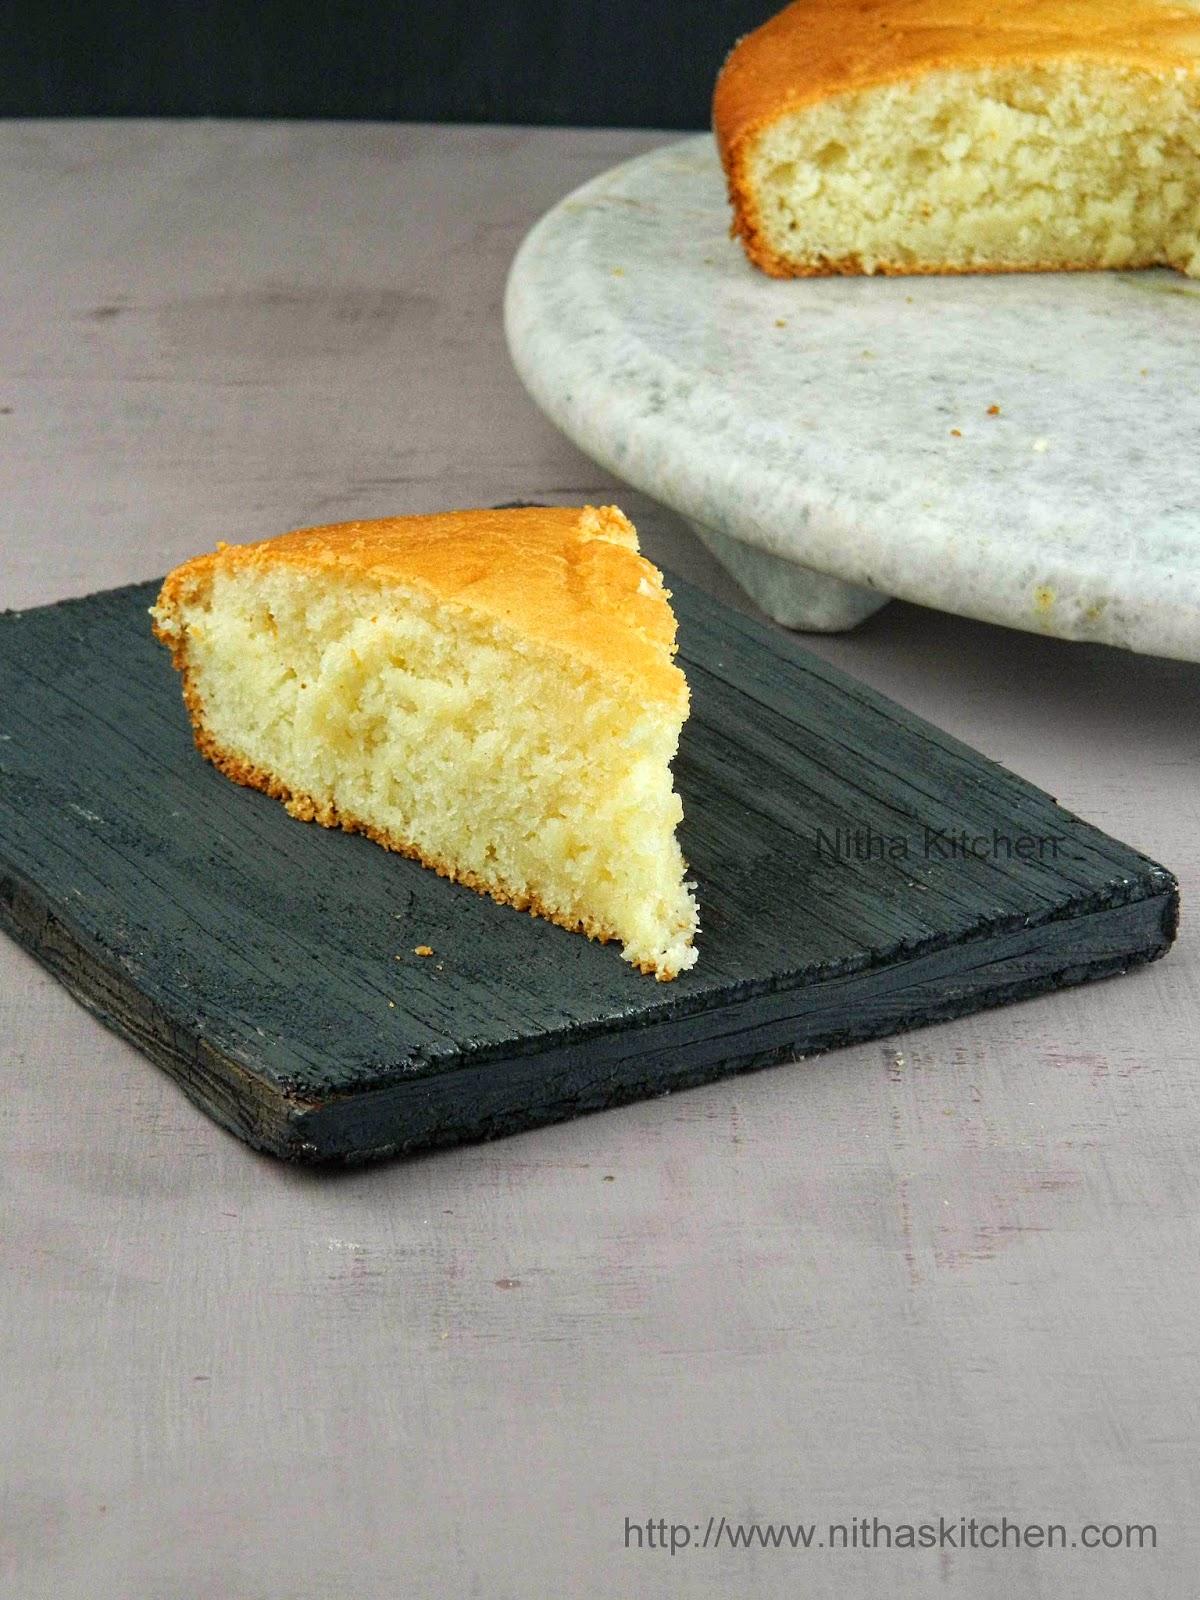 Butterless Vanilla Cake